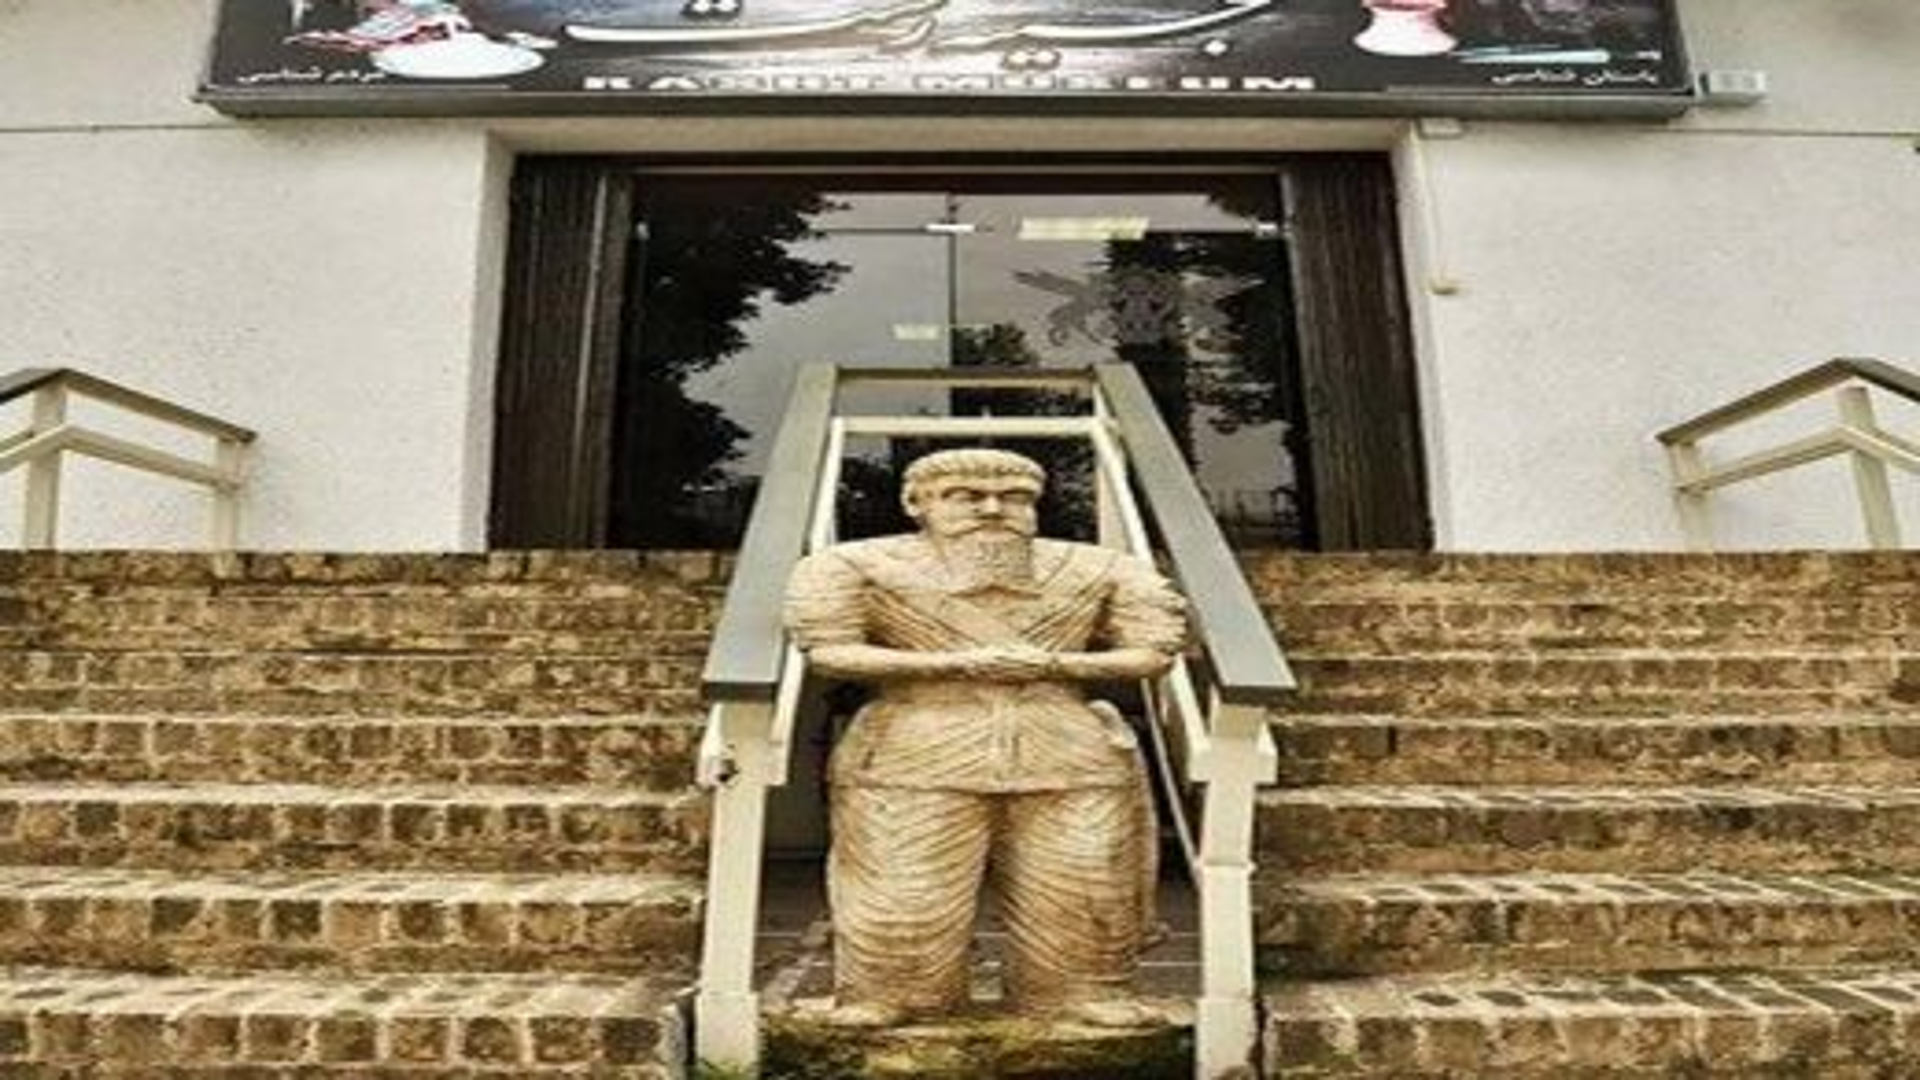 موزه گنجینه رشت | تگ